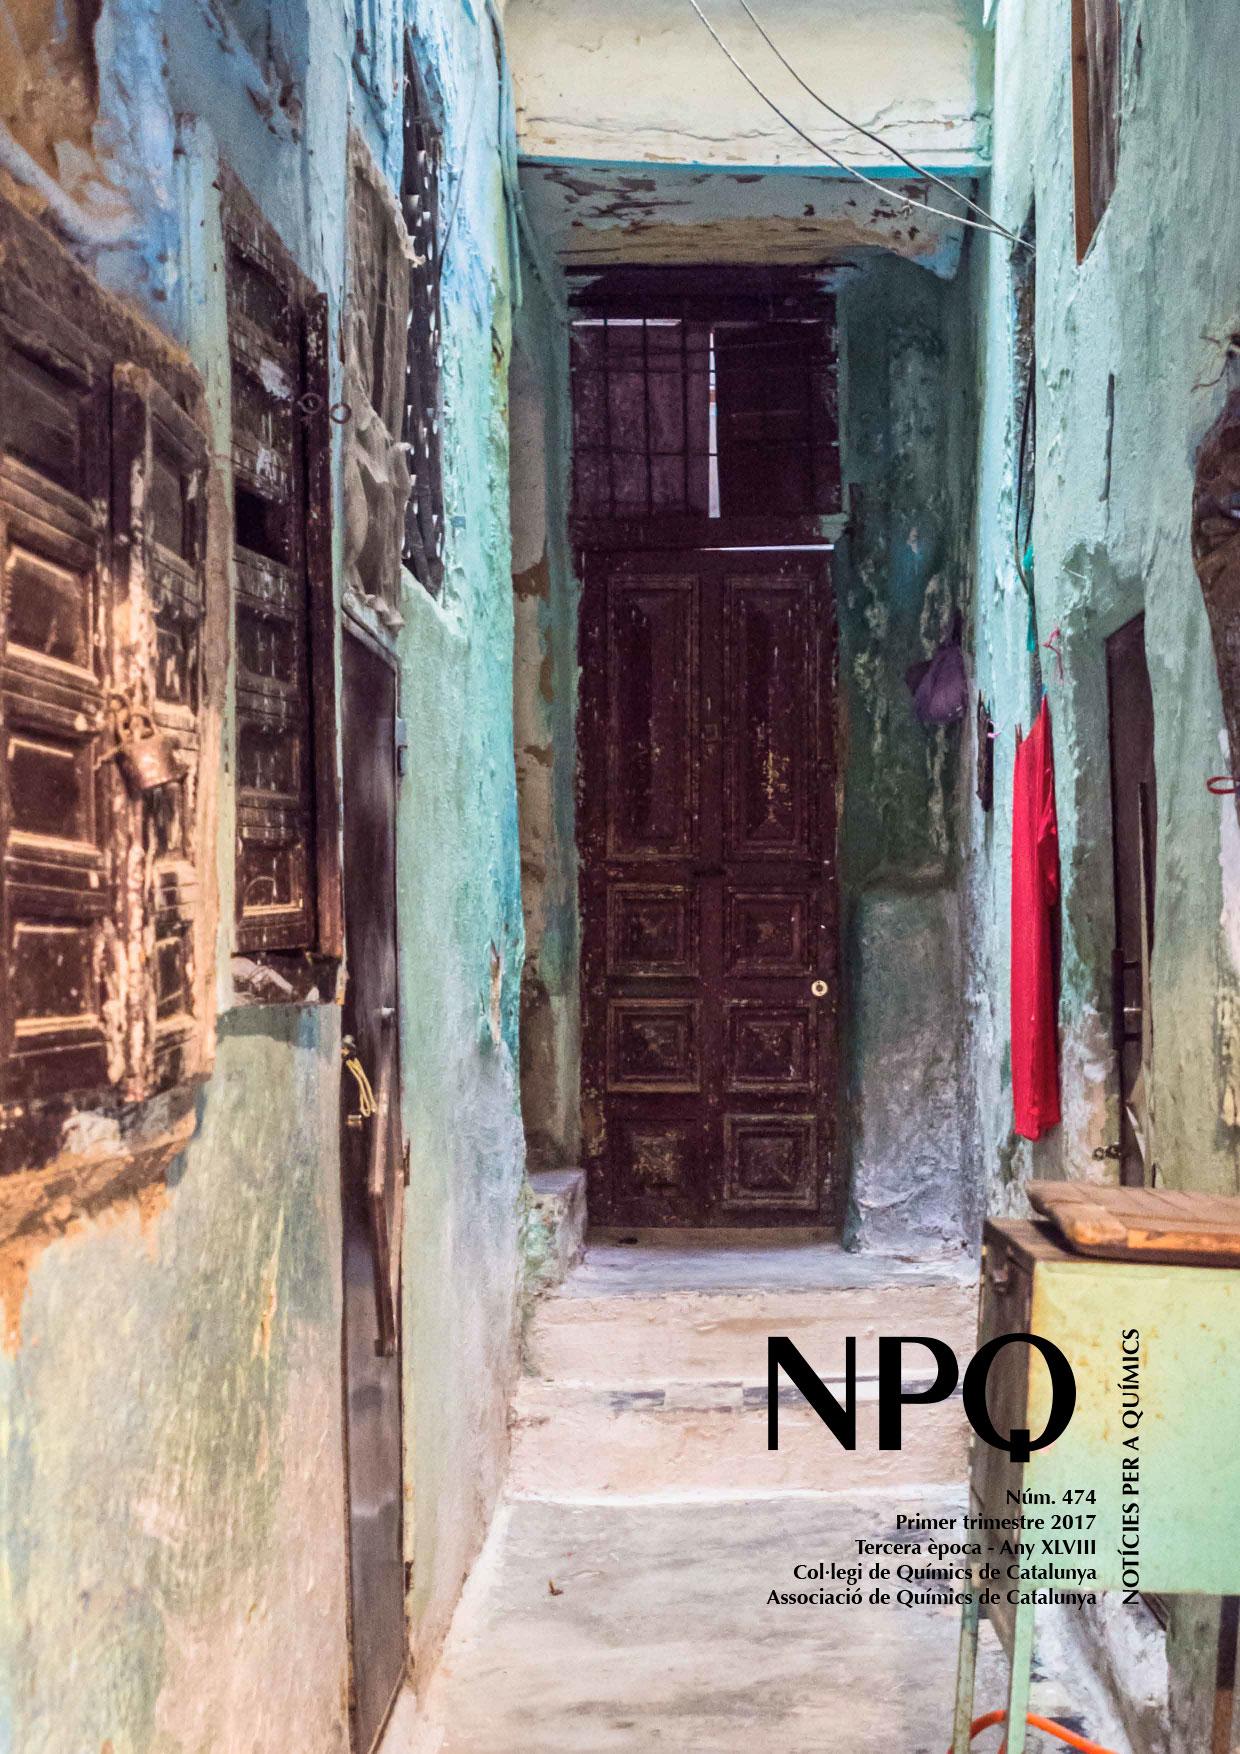 NPQ 474 / 2017